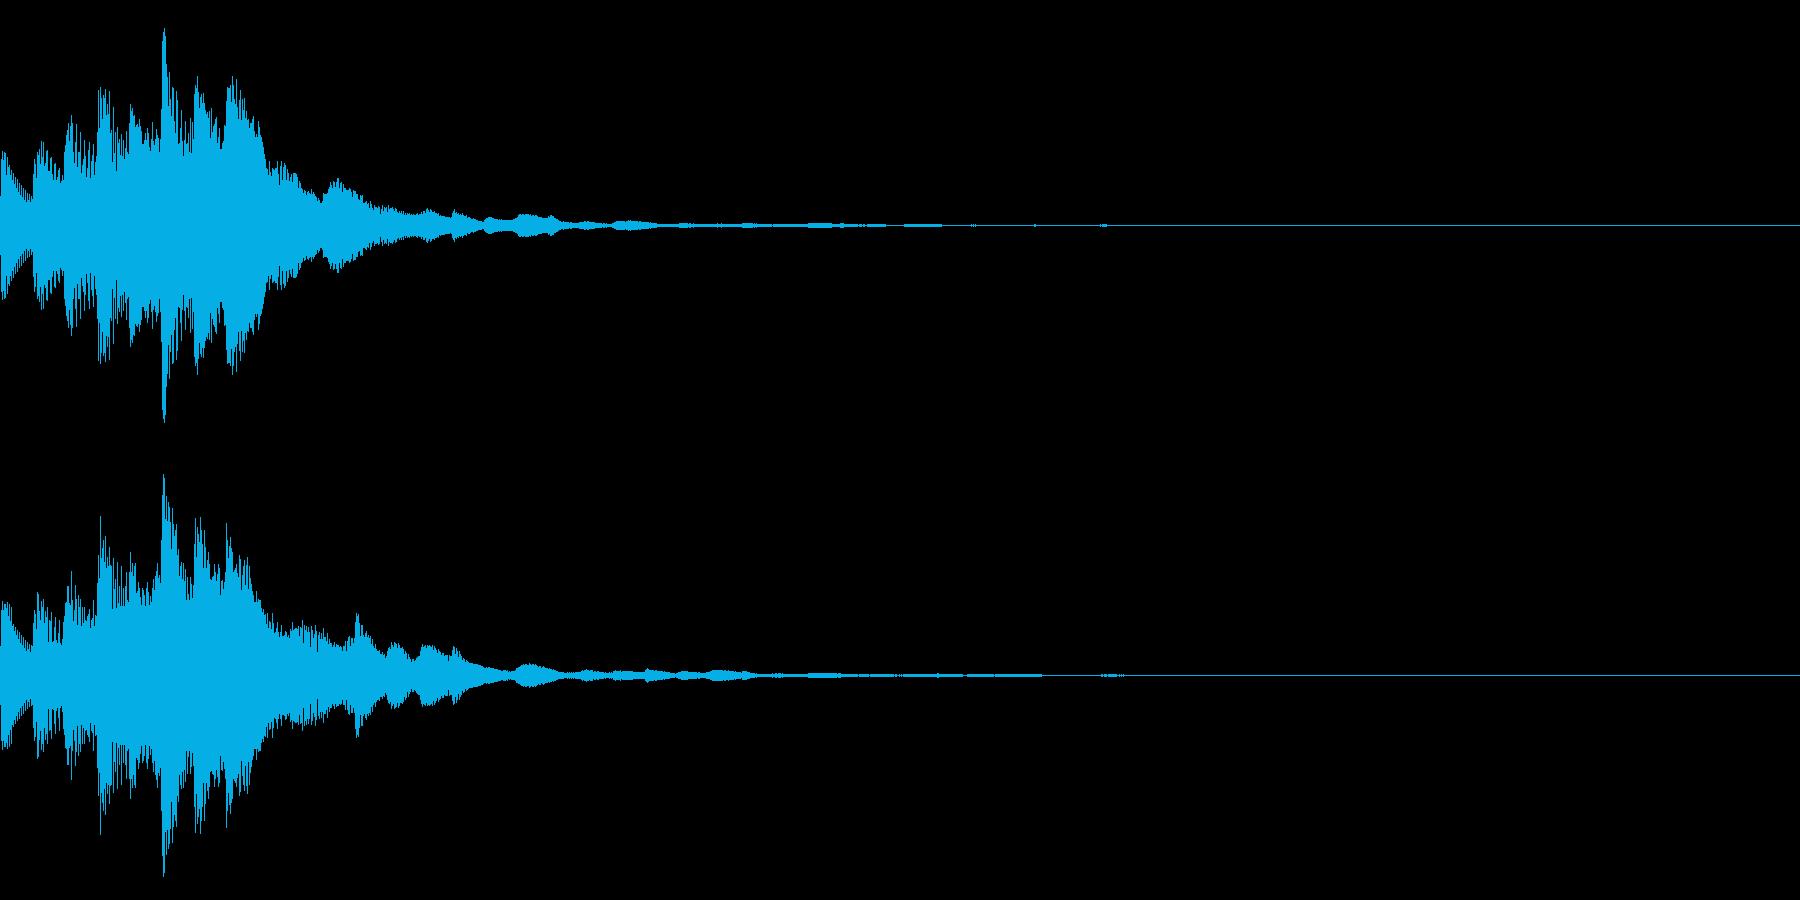 シューティングゲームスタート音の再生済みの波形